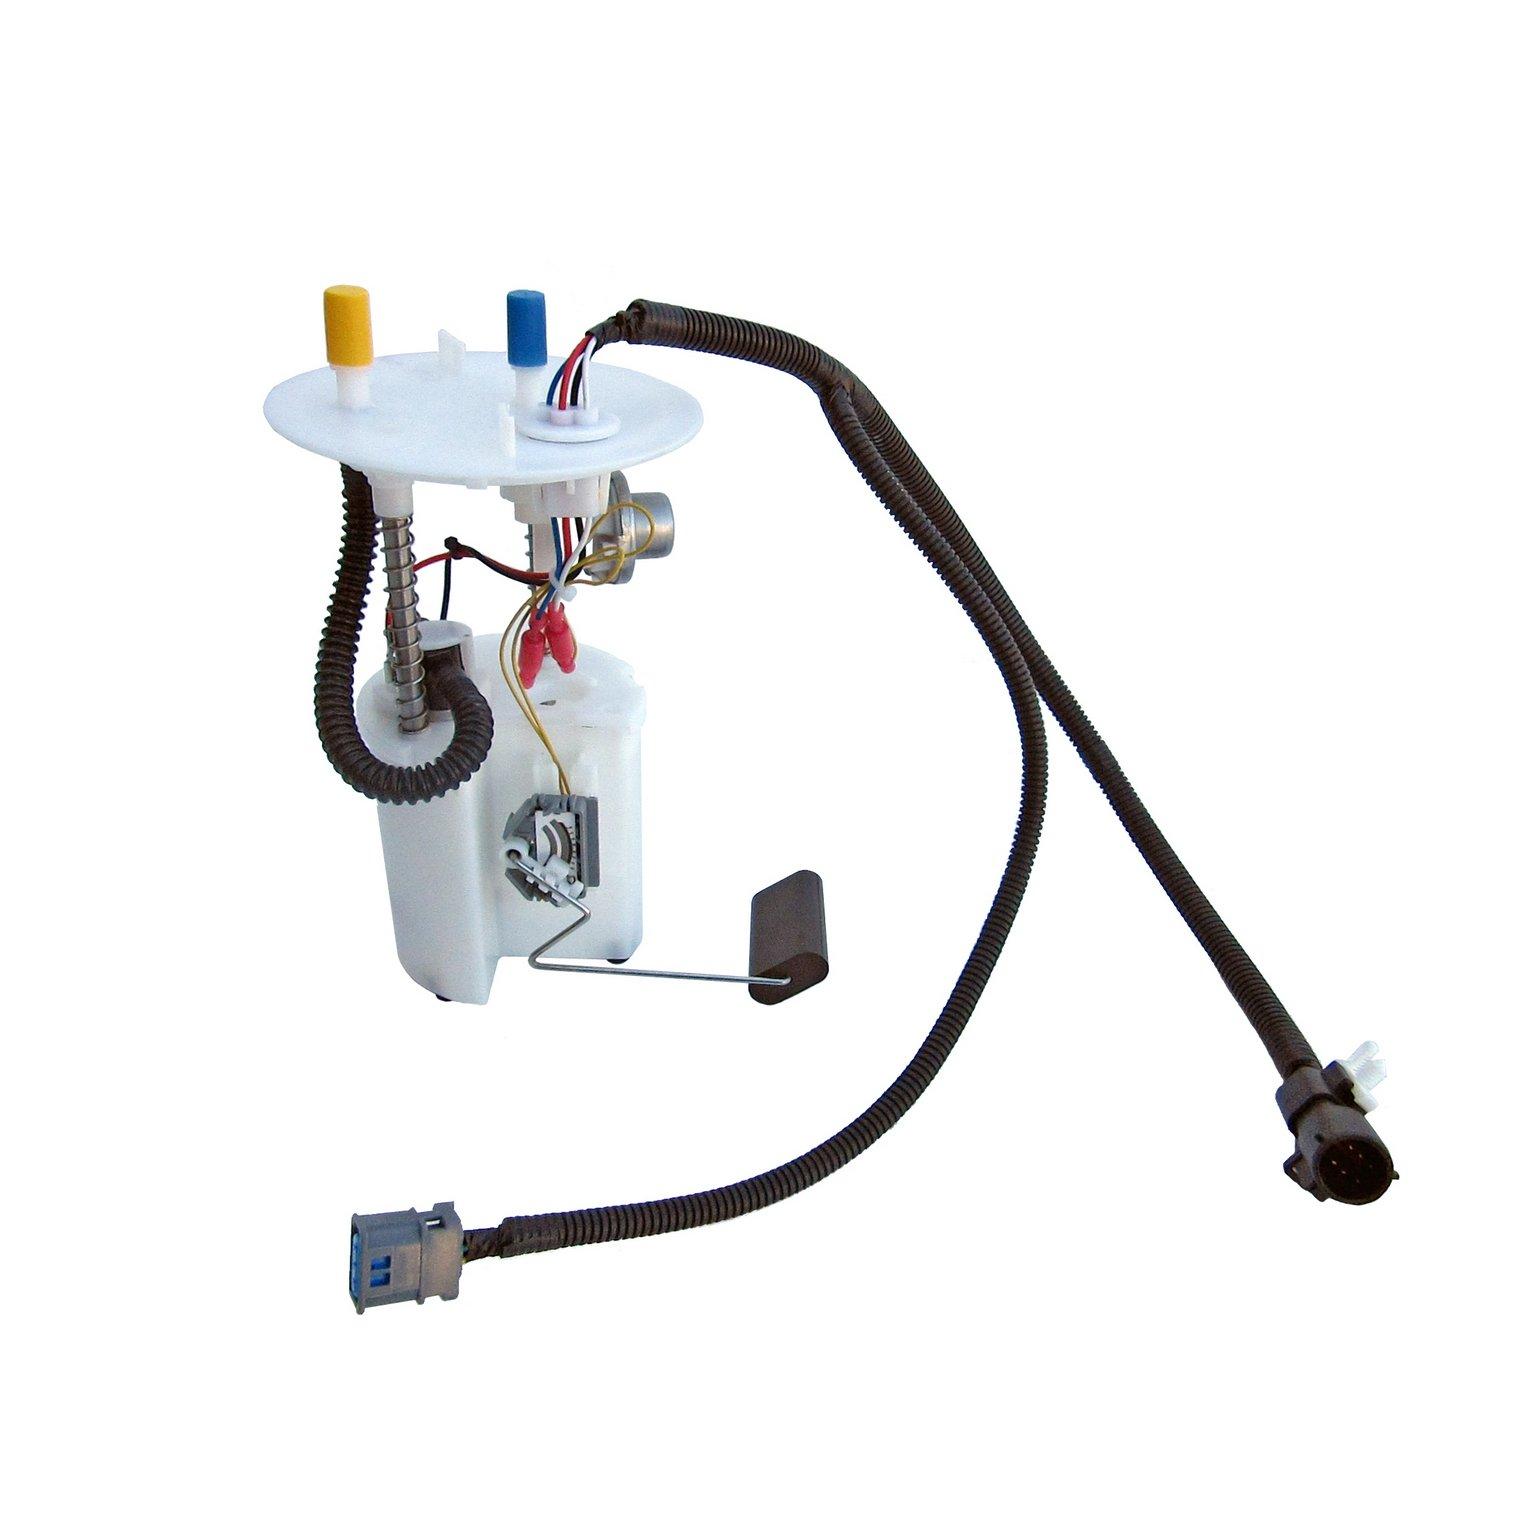 E Brake Cable CHR Push Ban 11 Handle Billet Knob For EBCC4 American Shifter 489930 6 4L60E Shifter Kit